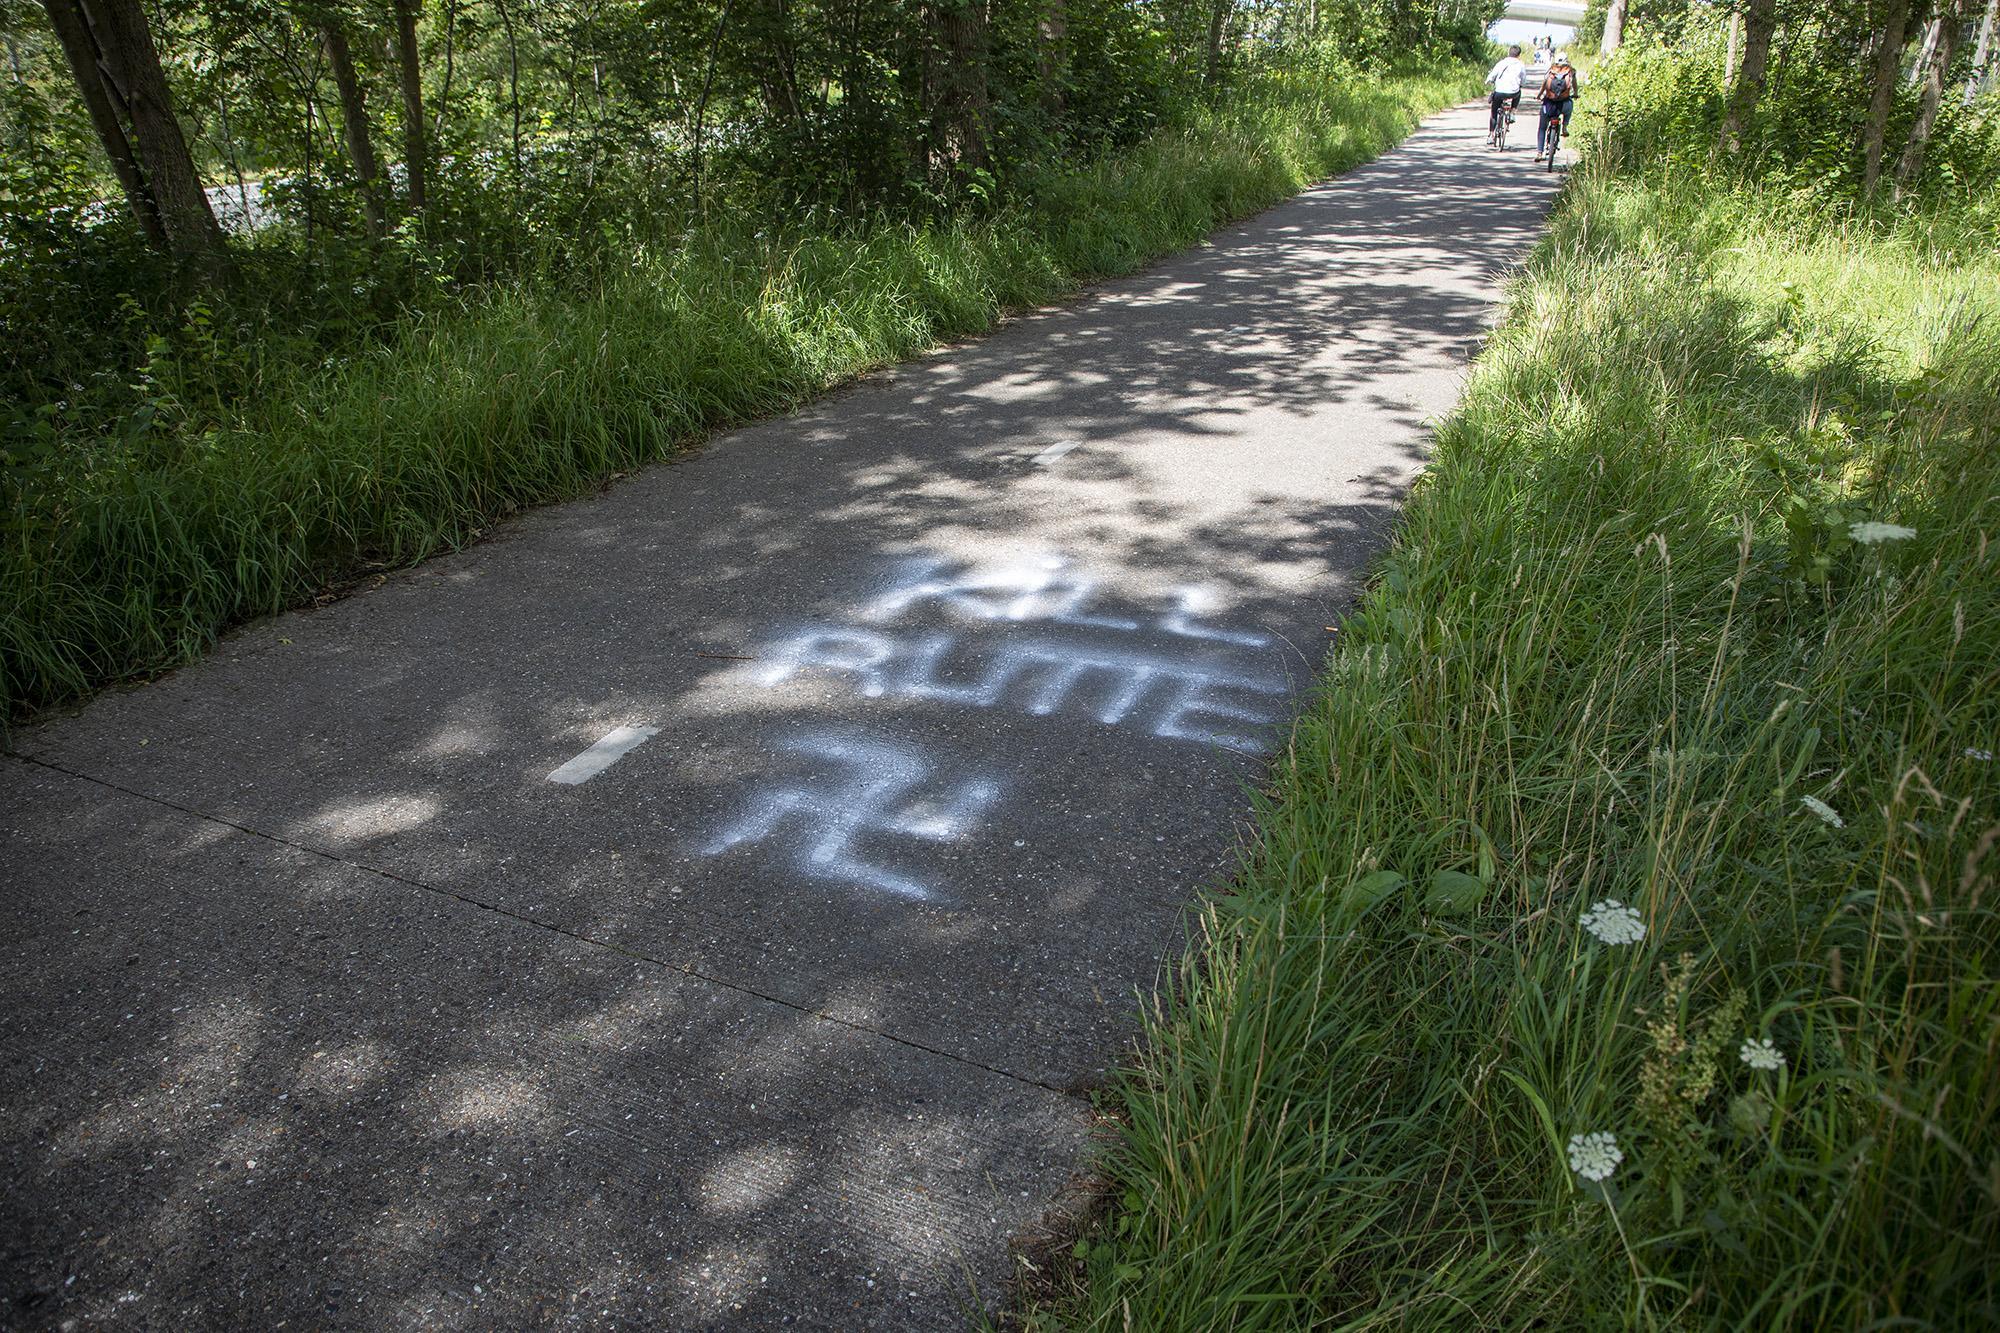 Hakenkruizen gevonden op fietspad Zeeweg in Overveen: 'Totaal onacceptabel dat zoiets gebeurt op een plek met zoveel oorlogshistorie'